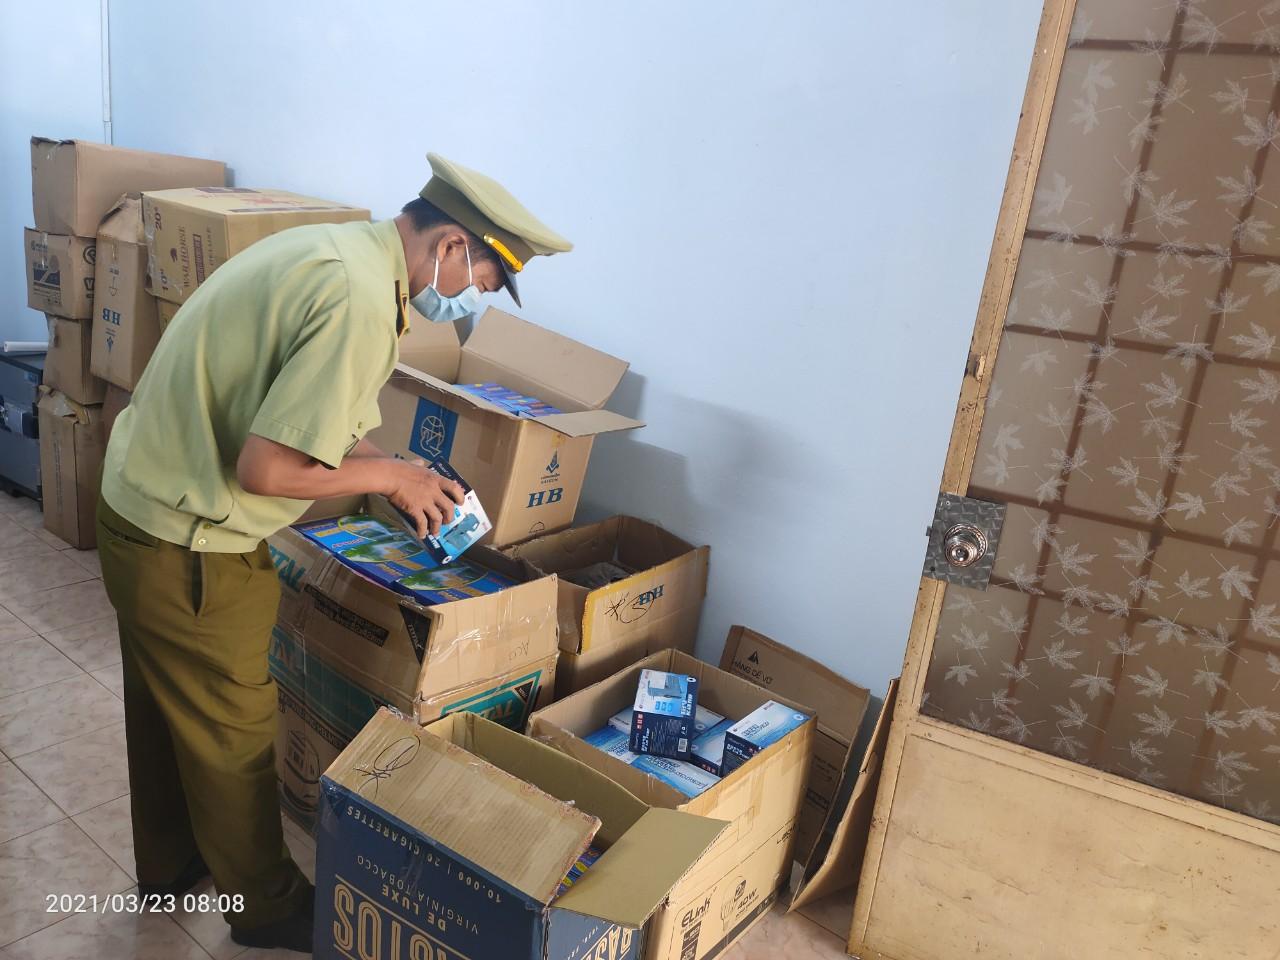 Đội QLTT số 6: Xử lý cơ sở kinh doanh 1.460 sản phẩm nhập lậu và không rõ nguồn gốc xuất xứ